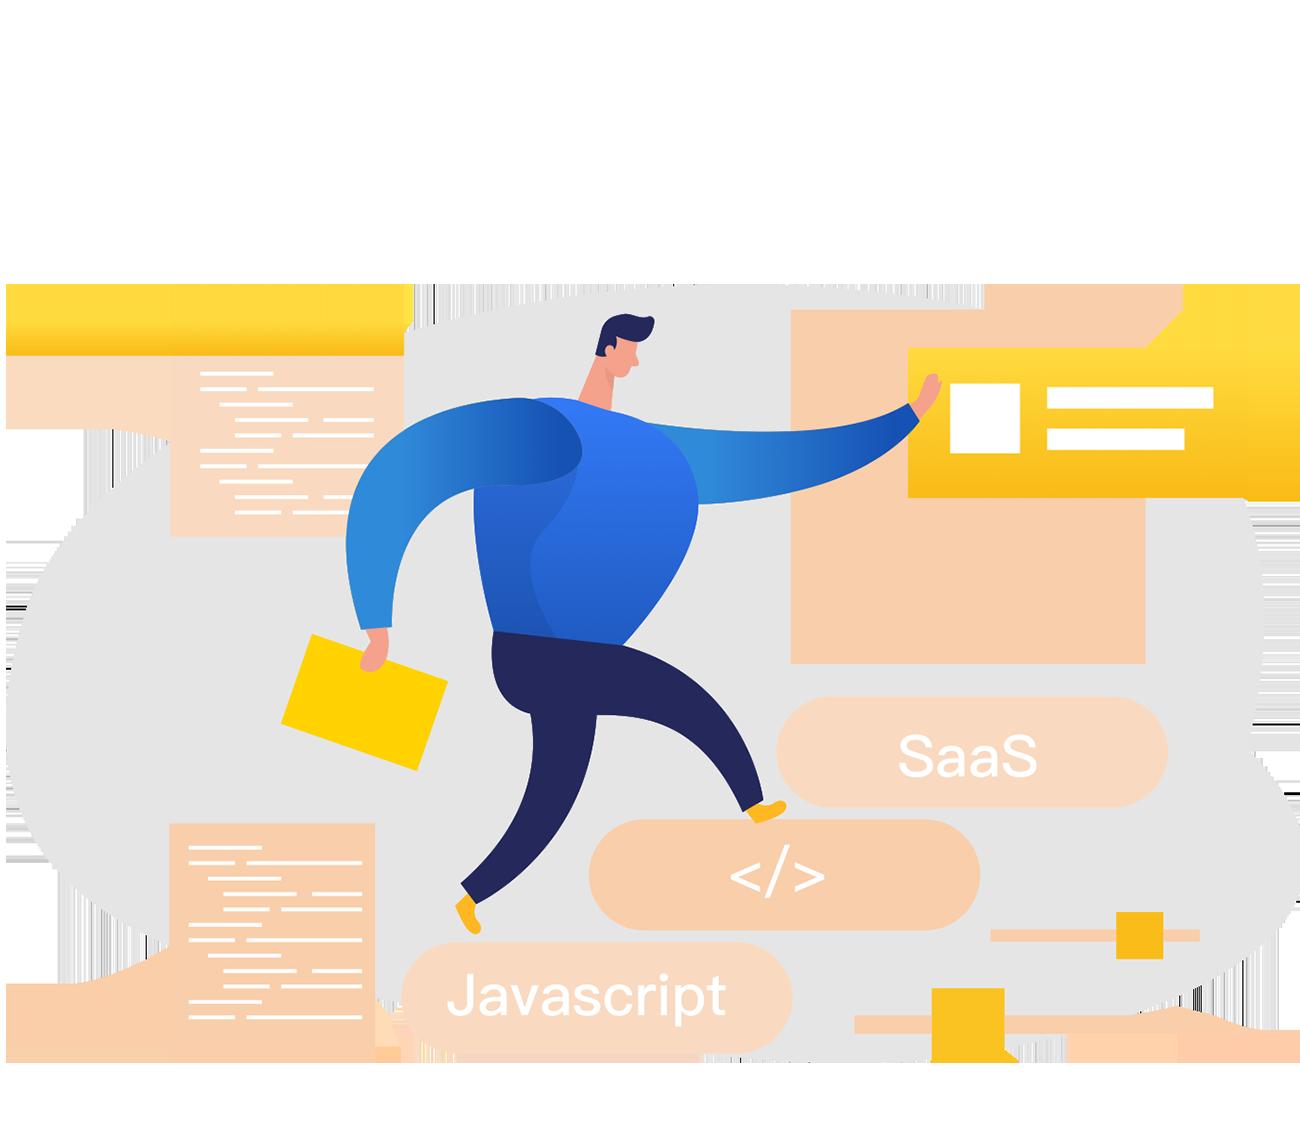 商贸行业全渠道流通SaaS平台